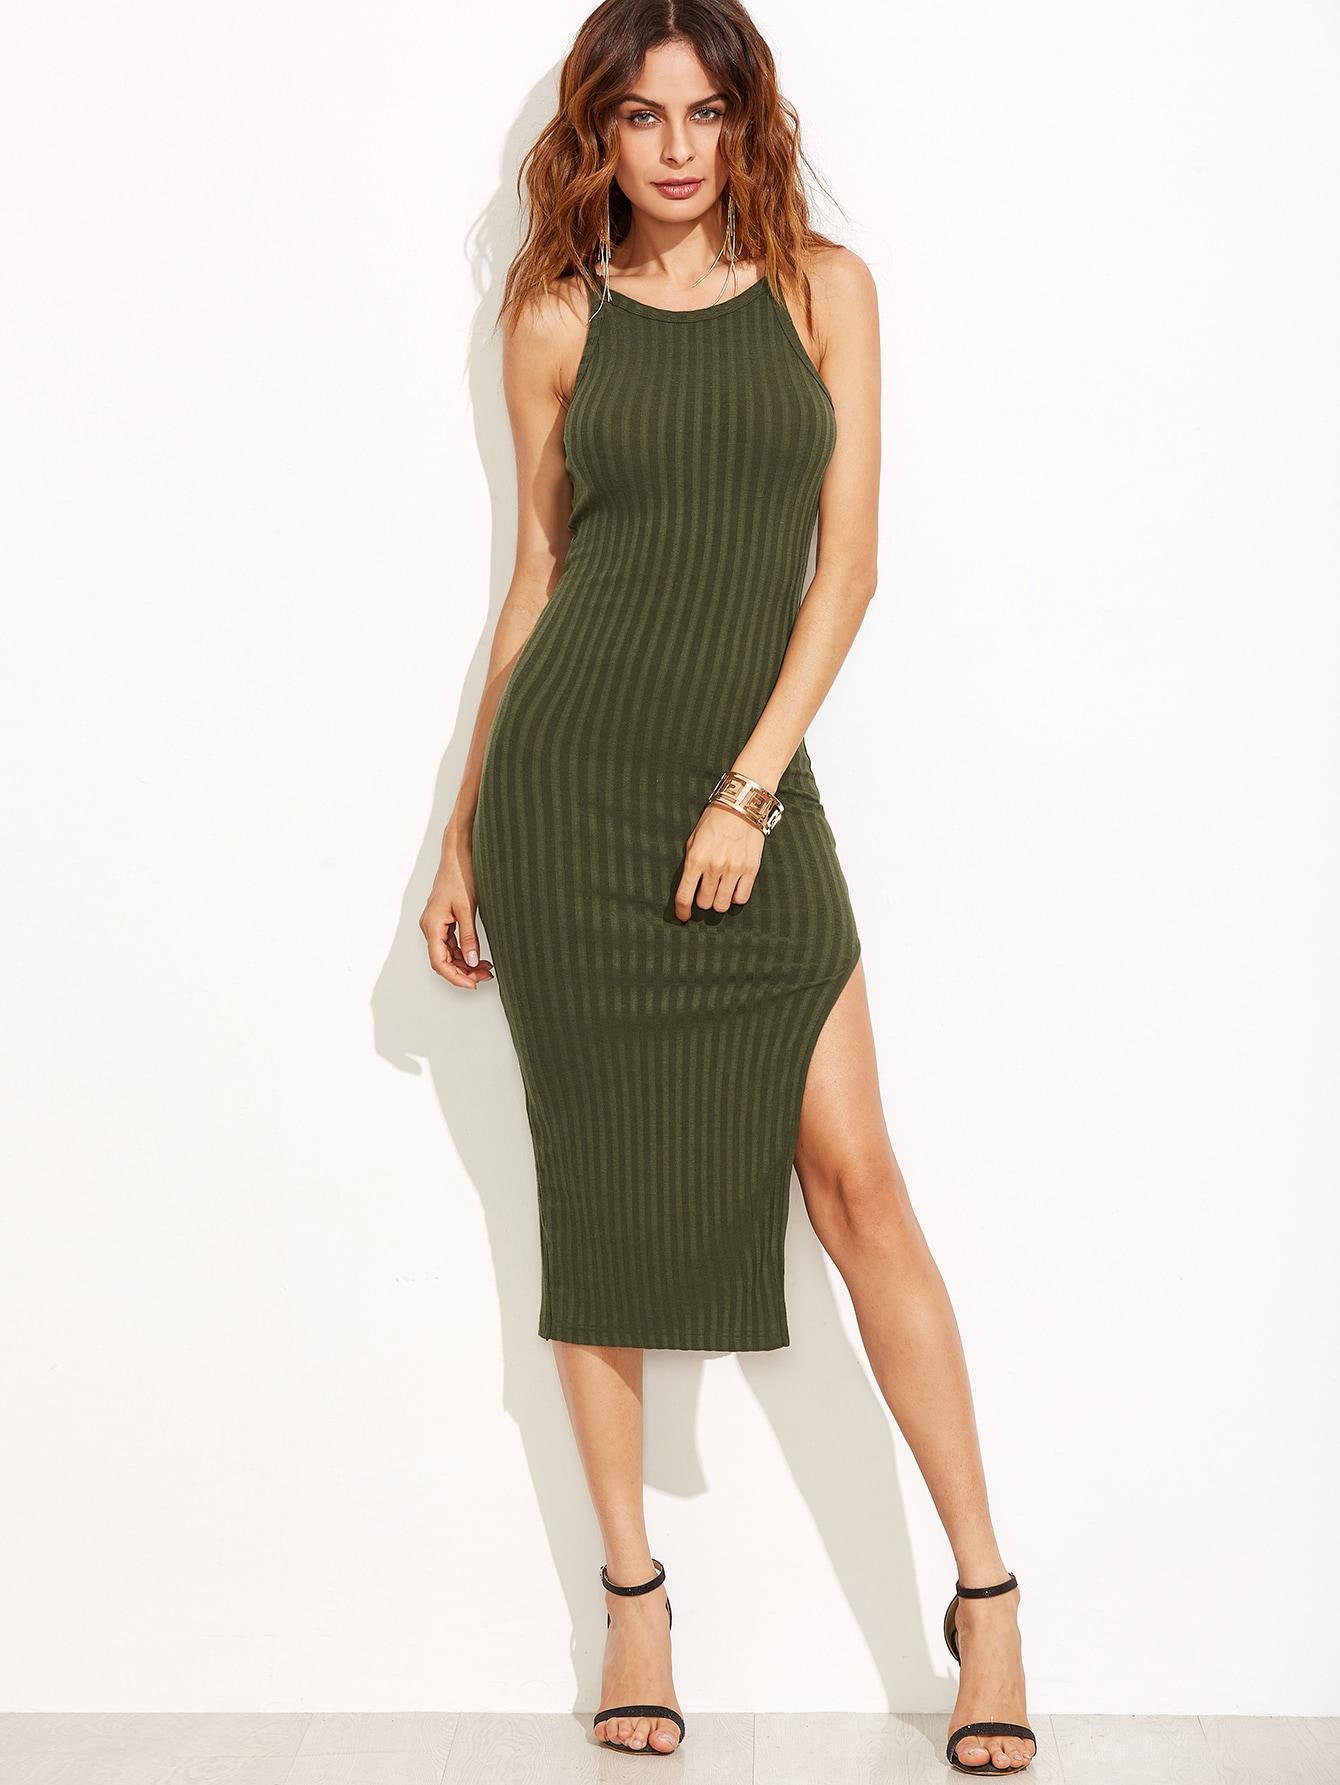 Olive Green Side Slit Ribbed Cami Dress dress160907701